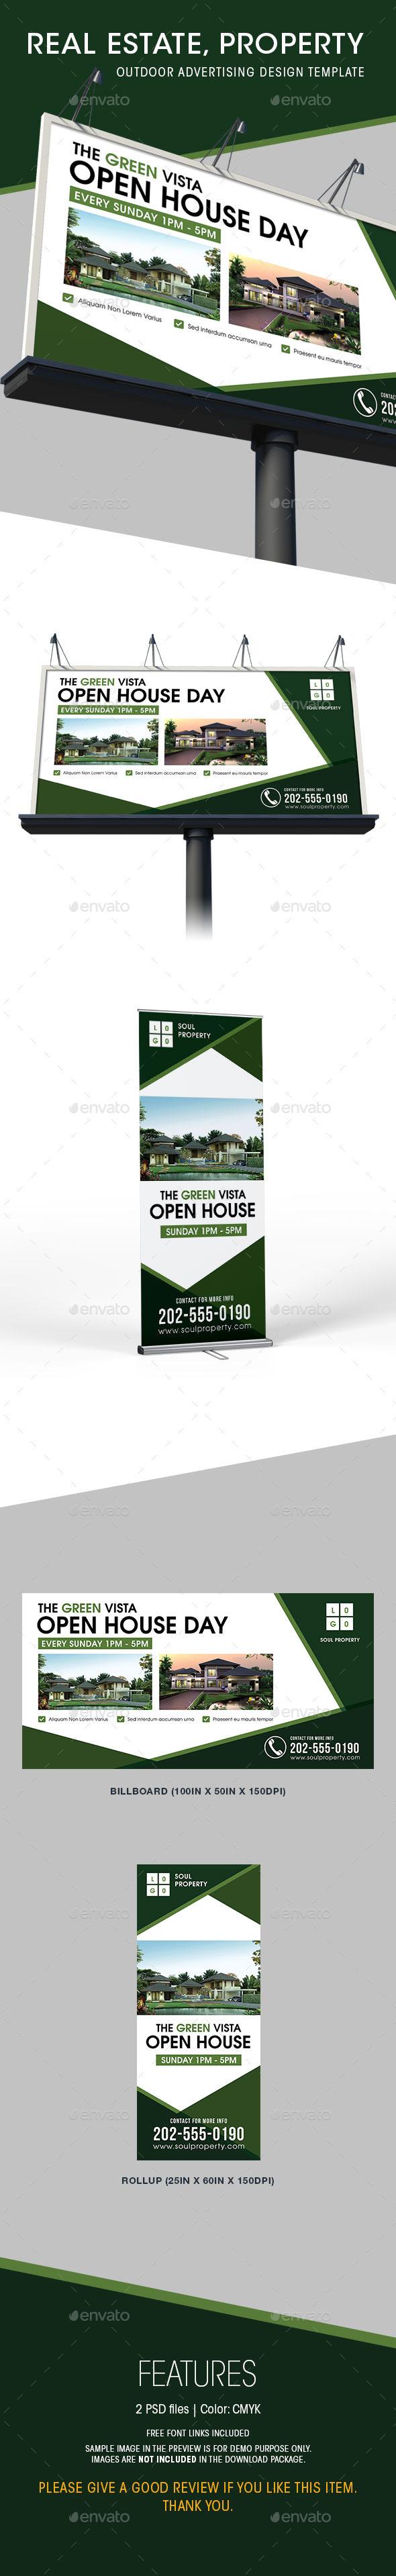 Real estate billboard design samples - Real Estate Billboard Rollup Templates